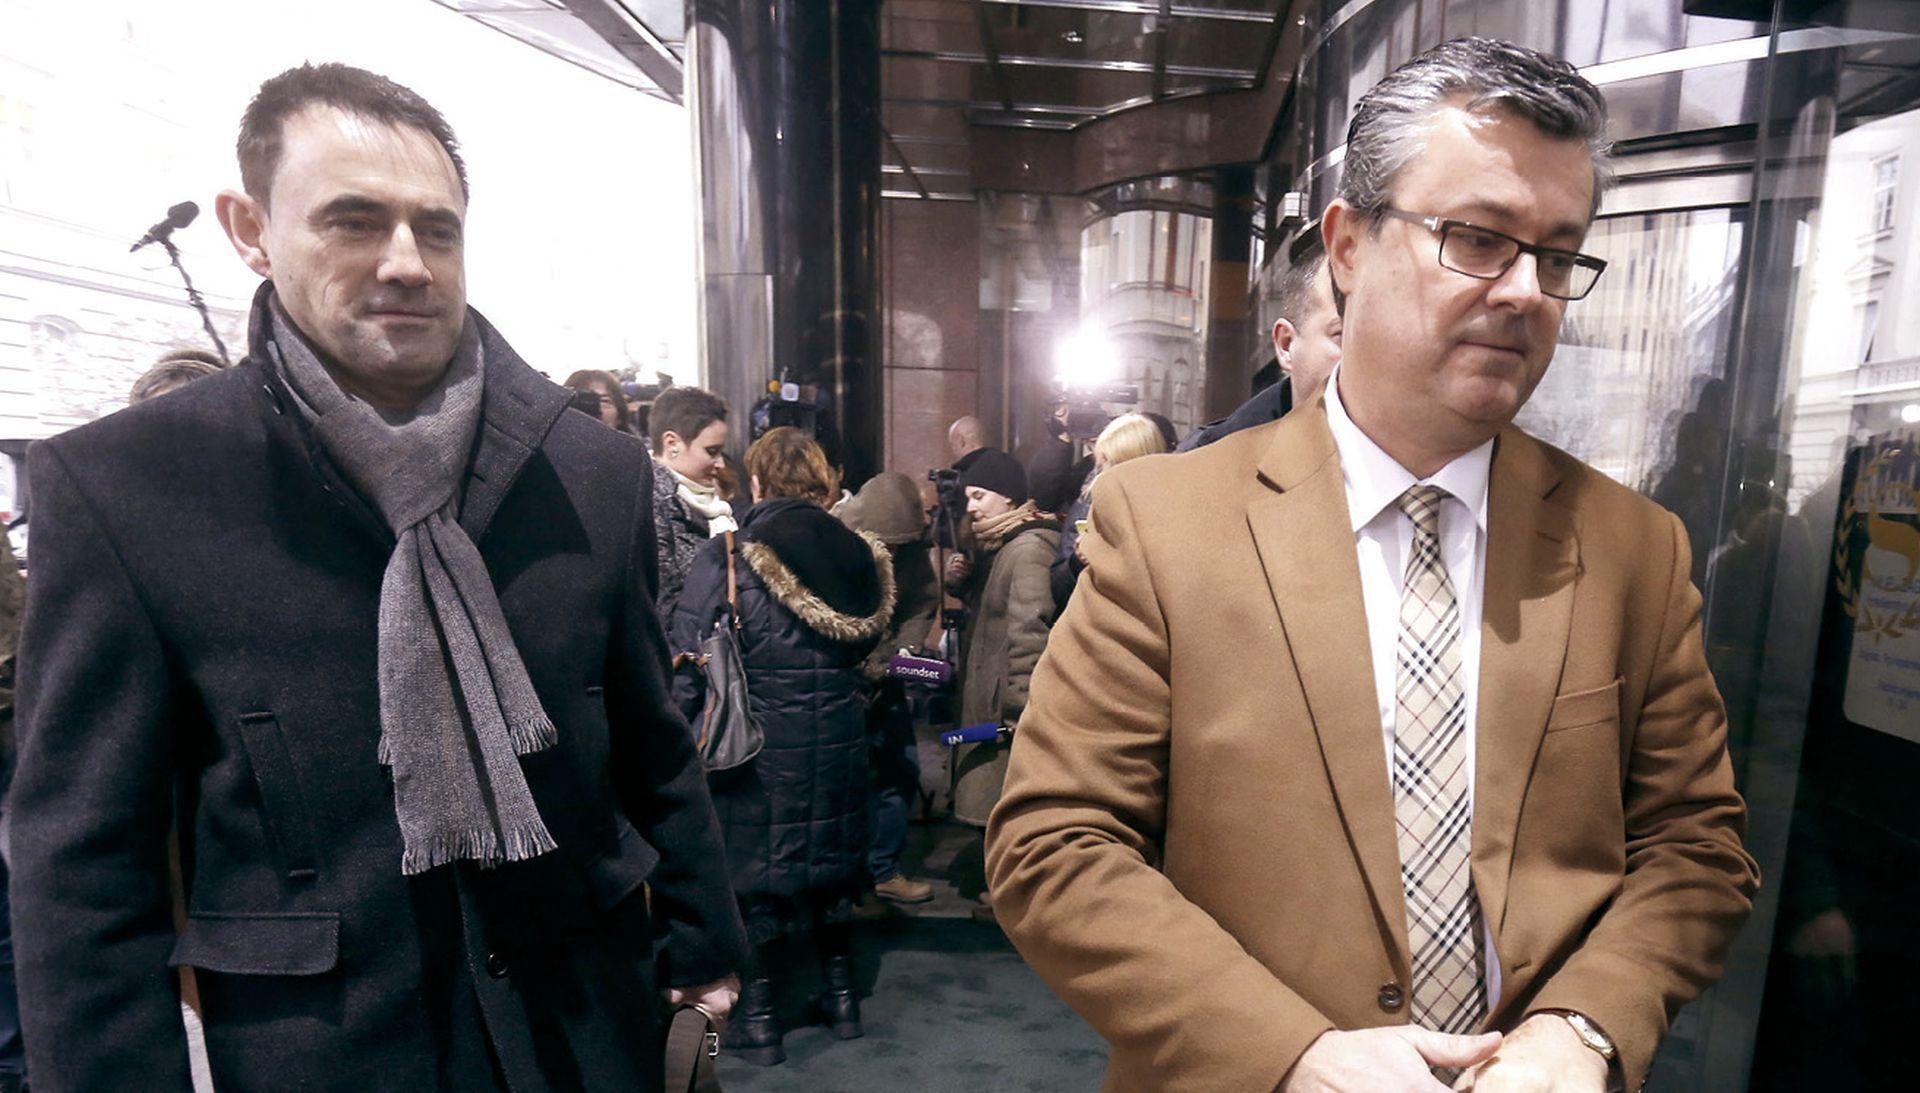 Manjkasa guraju za šefa kabineta Tihomira Oreškovića